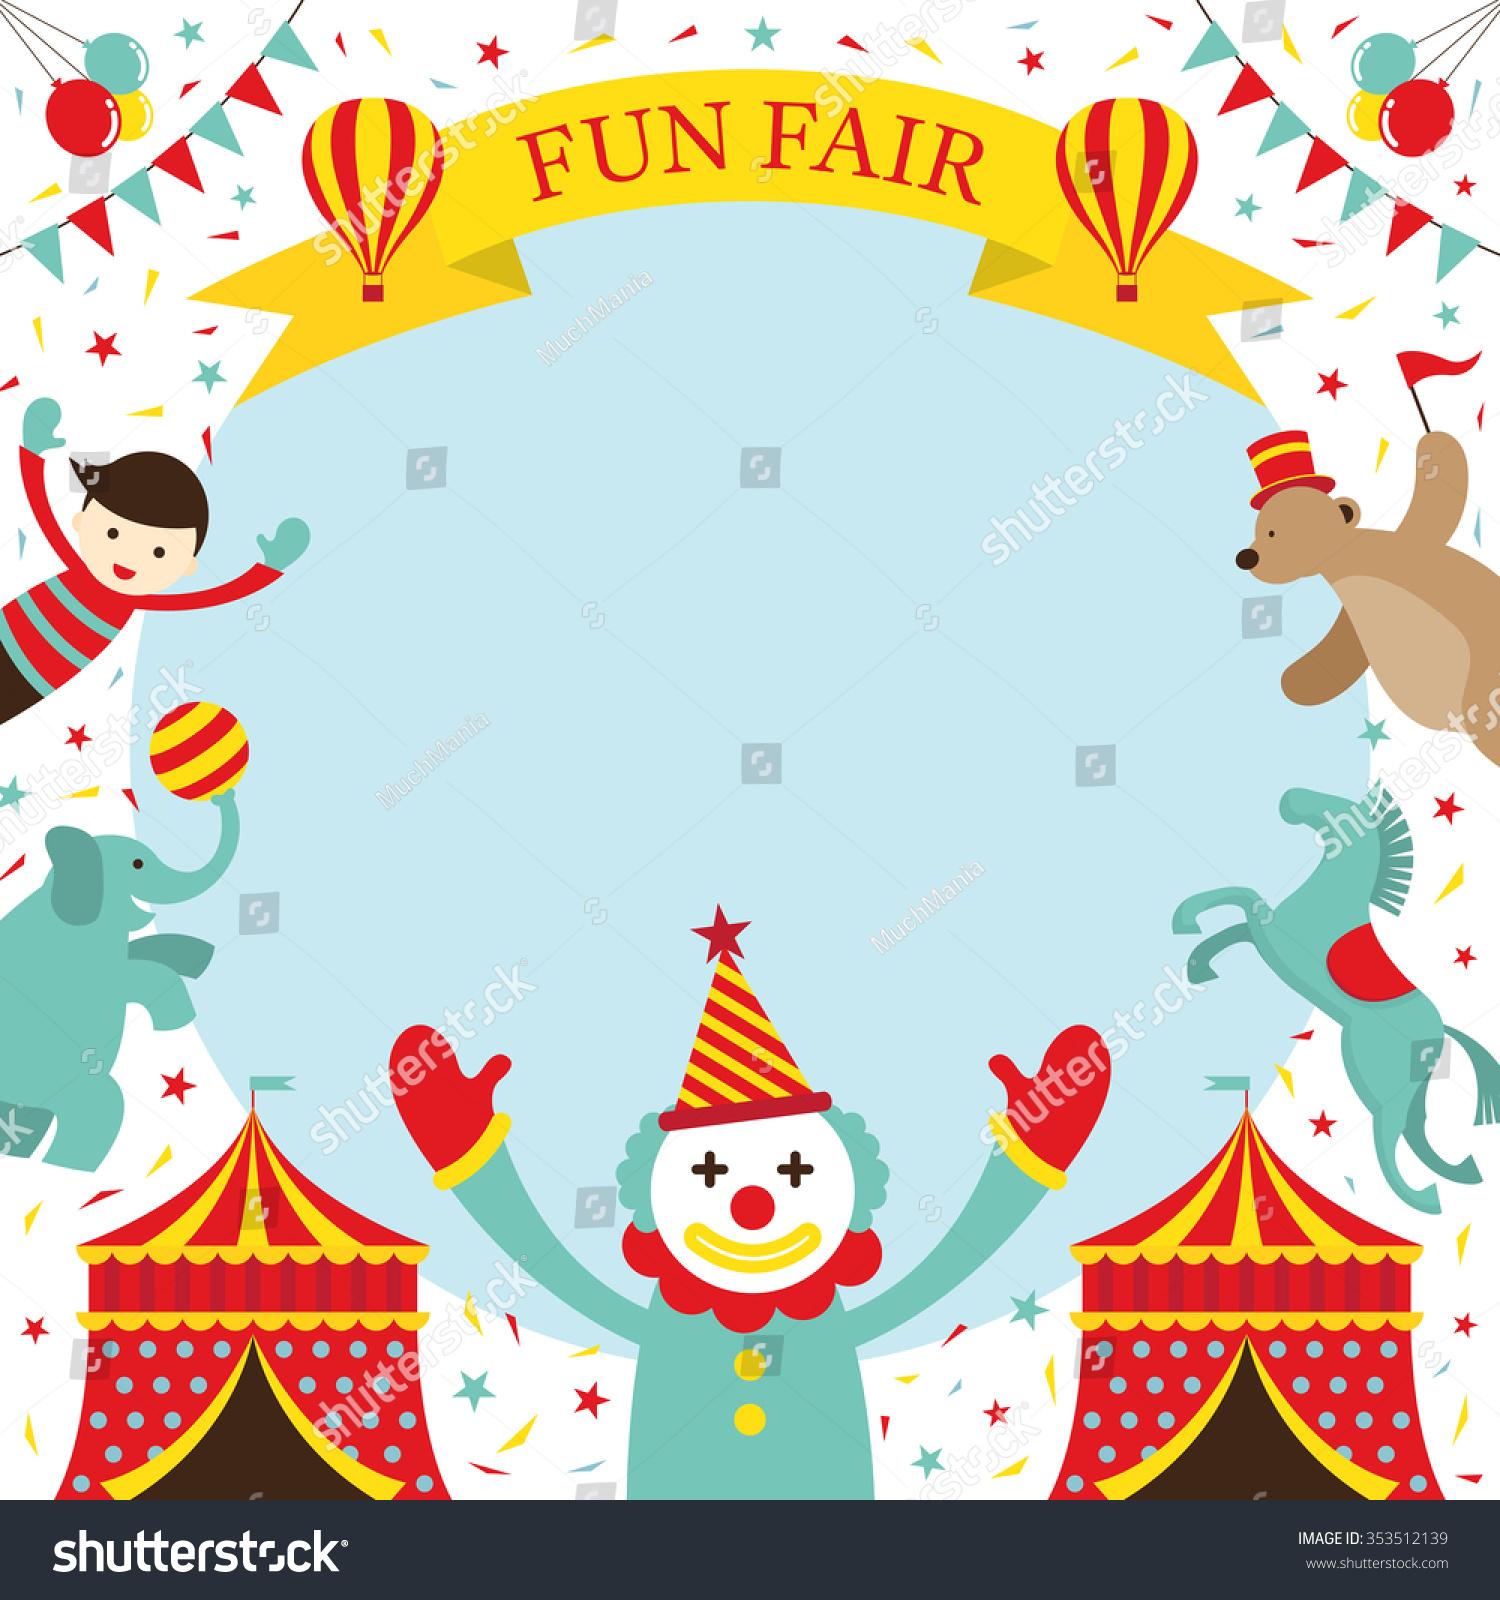 1500x1600 Carnival Clipart Fun Fair